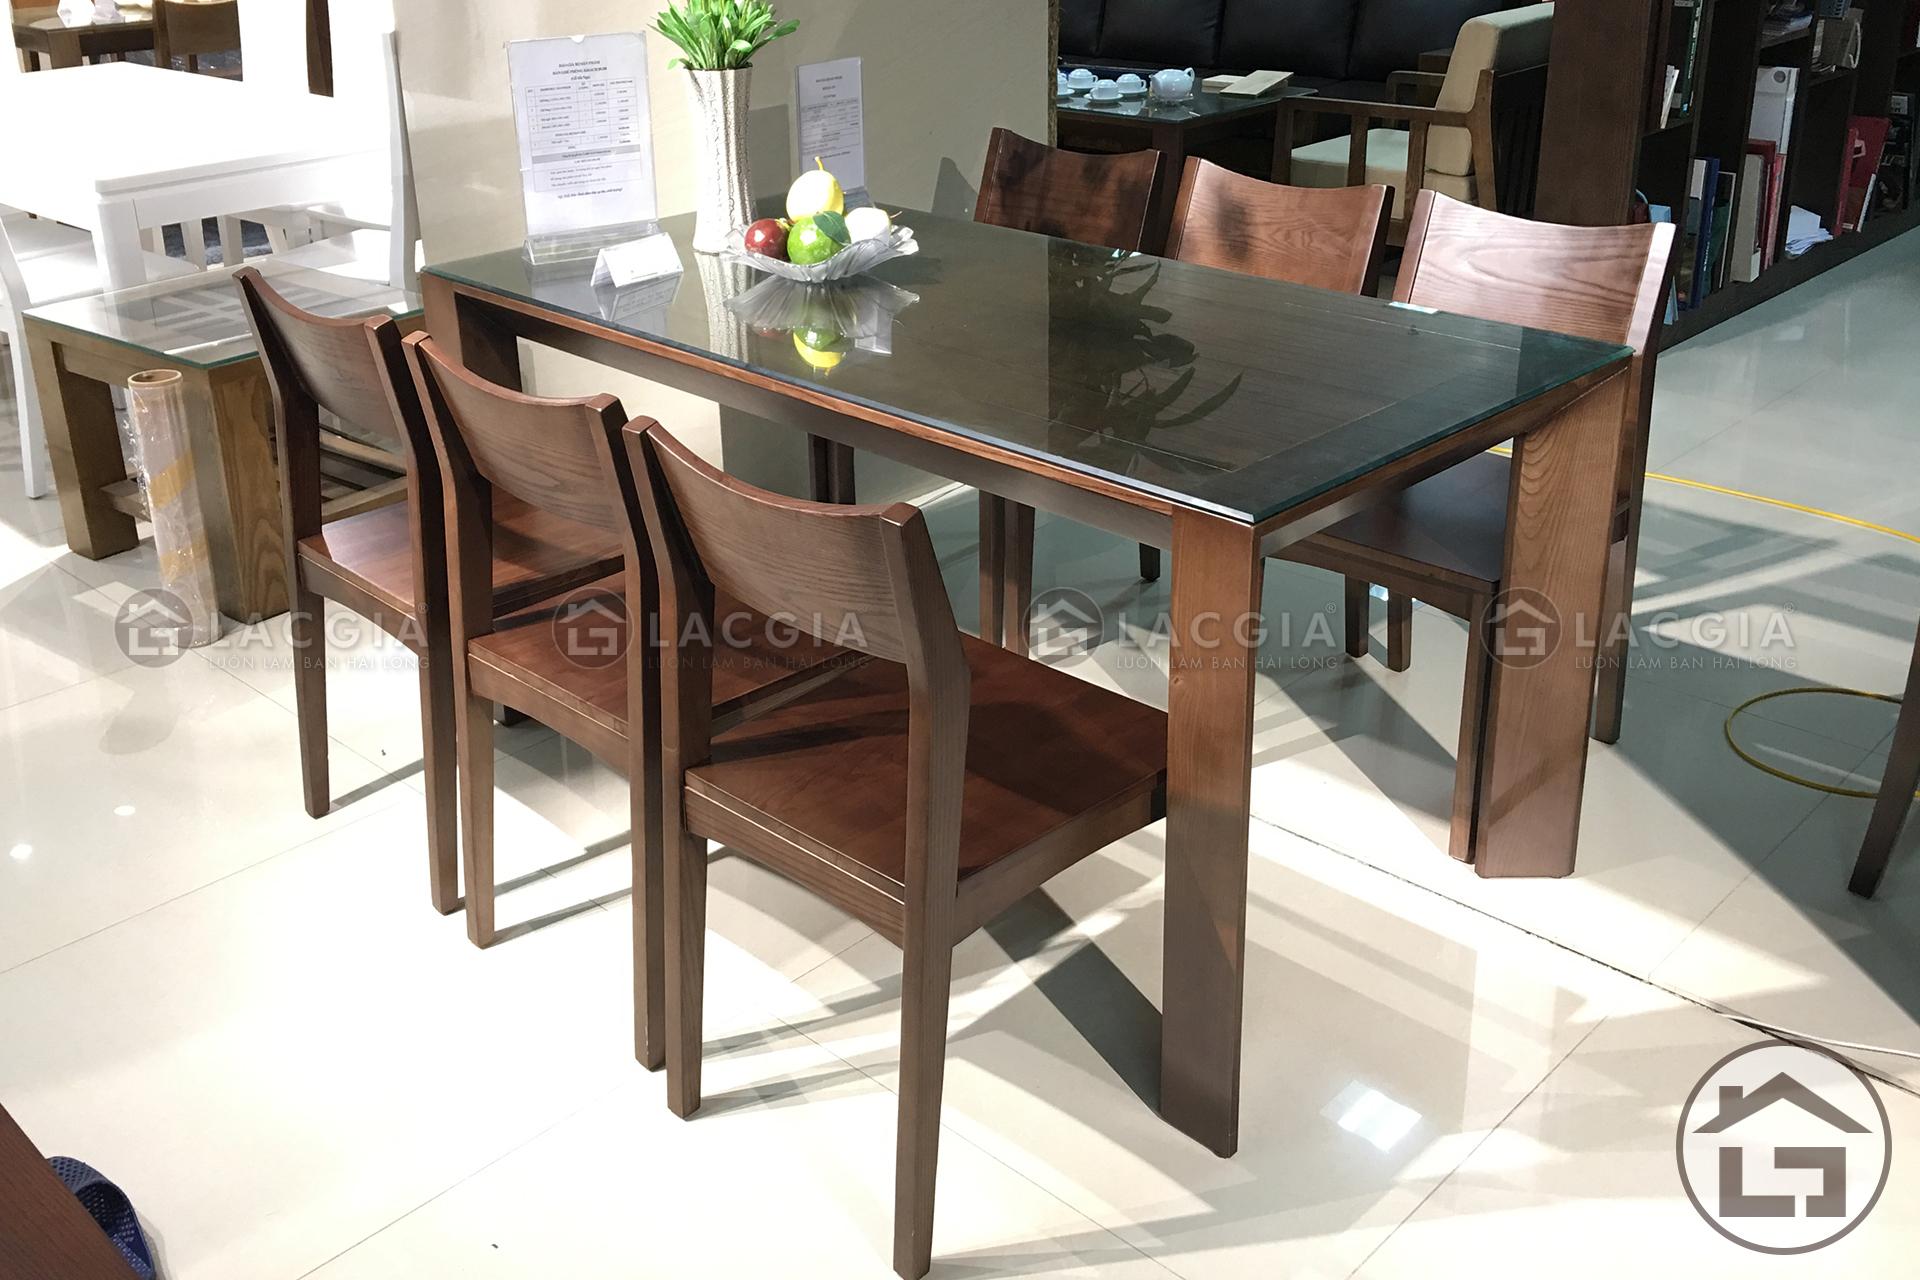 acvasc - Bàn ghế ăn gỗ hiện đại BA06